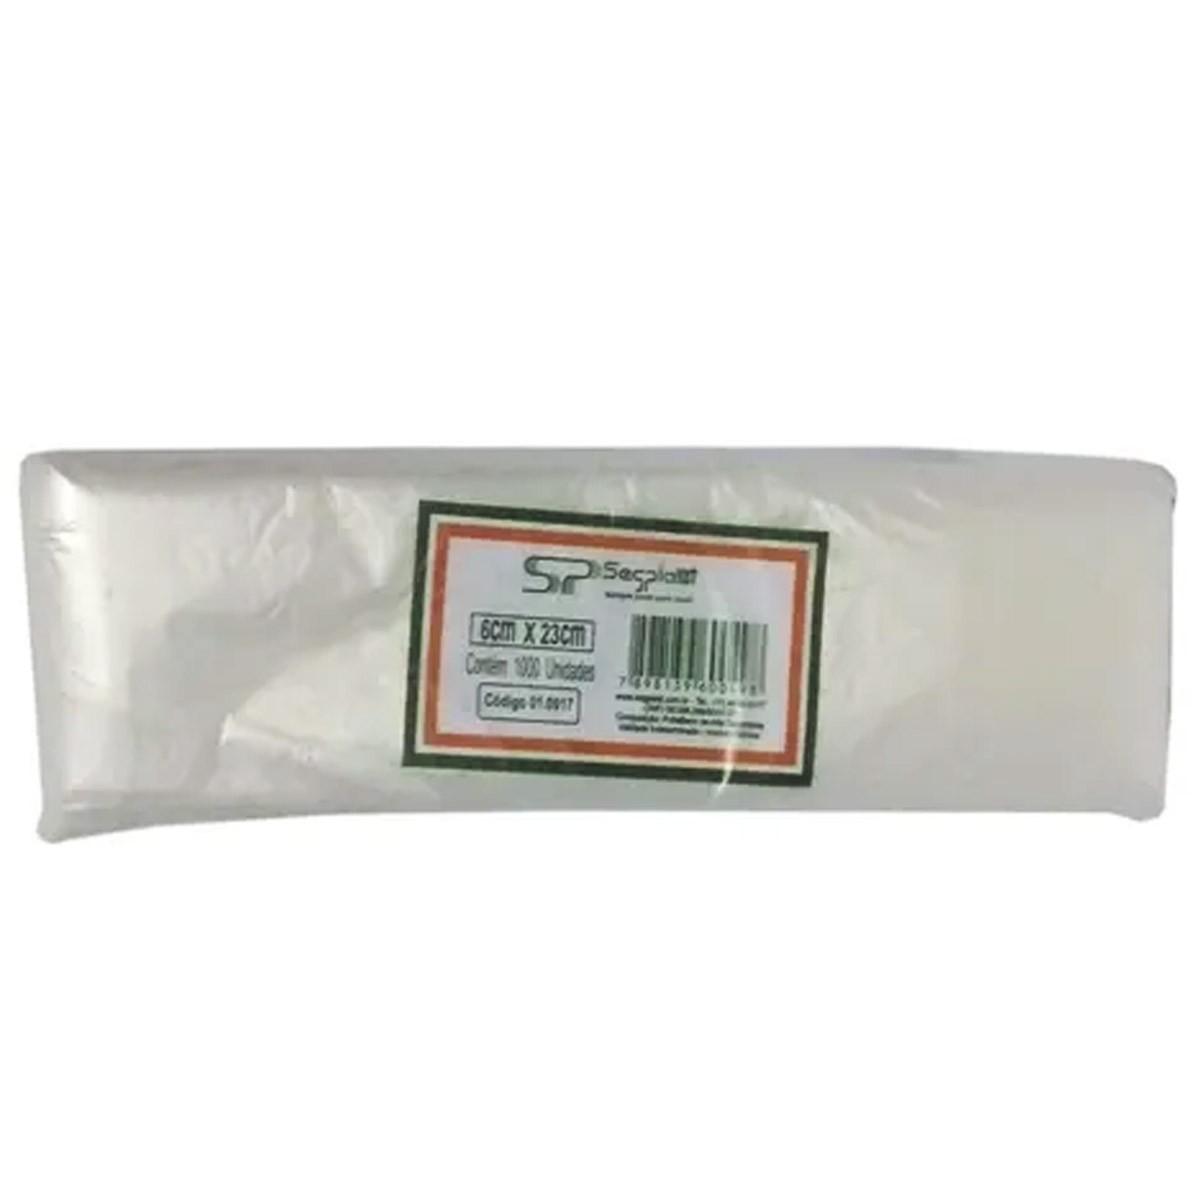 Saquinho Geladinho Gourmet 6x23cm Segplast C/1000 Un.